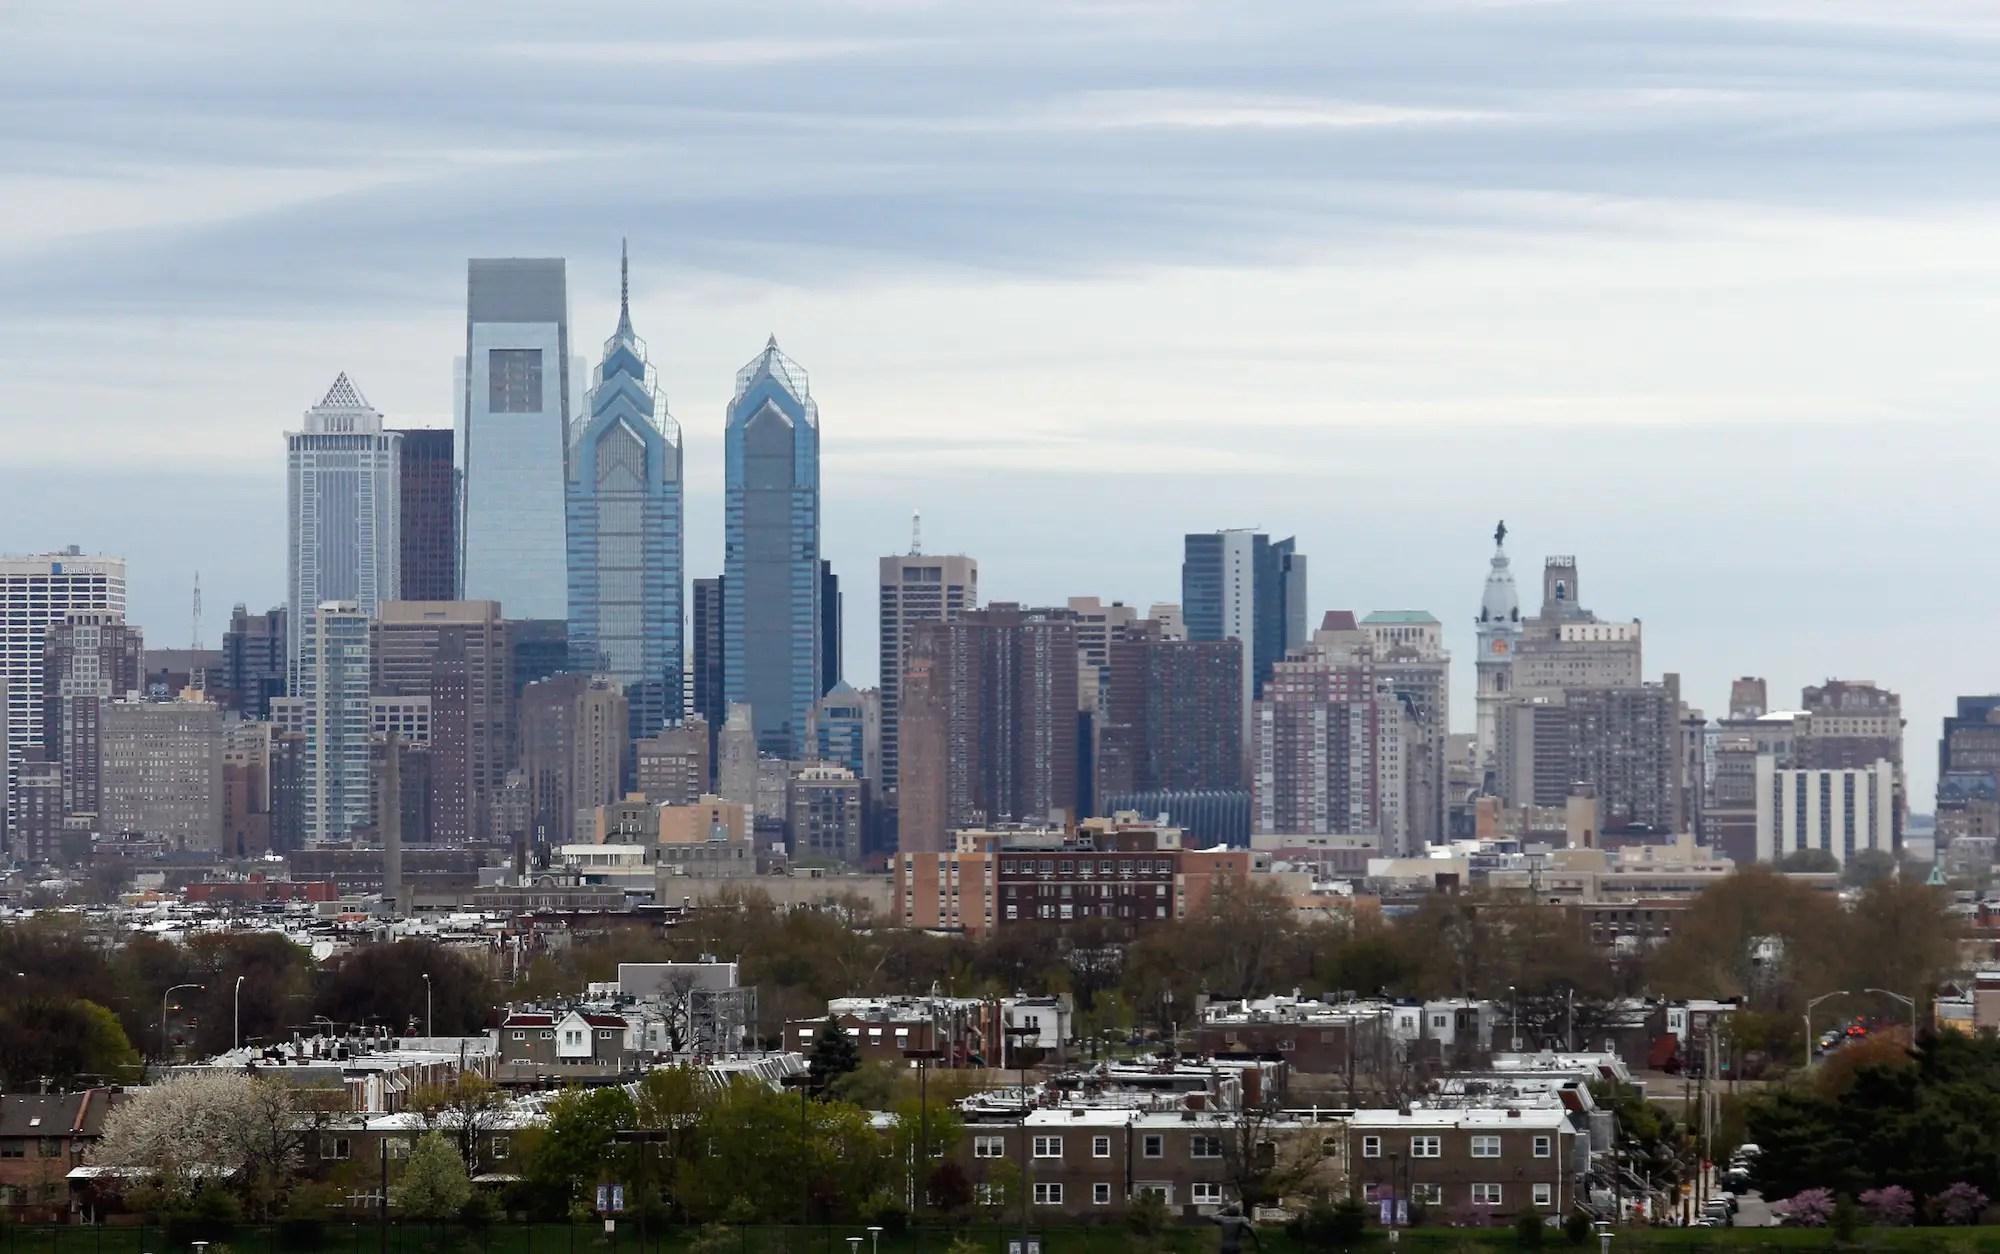 13. Philadelphia: 47.02 hours